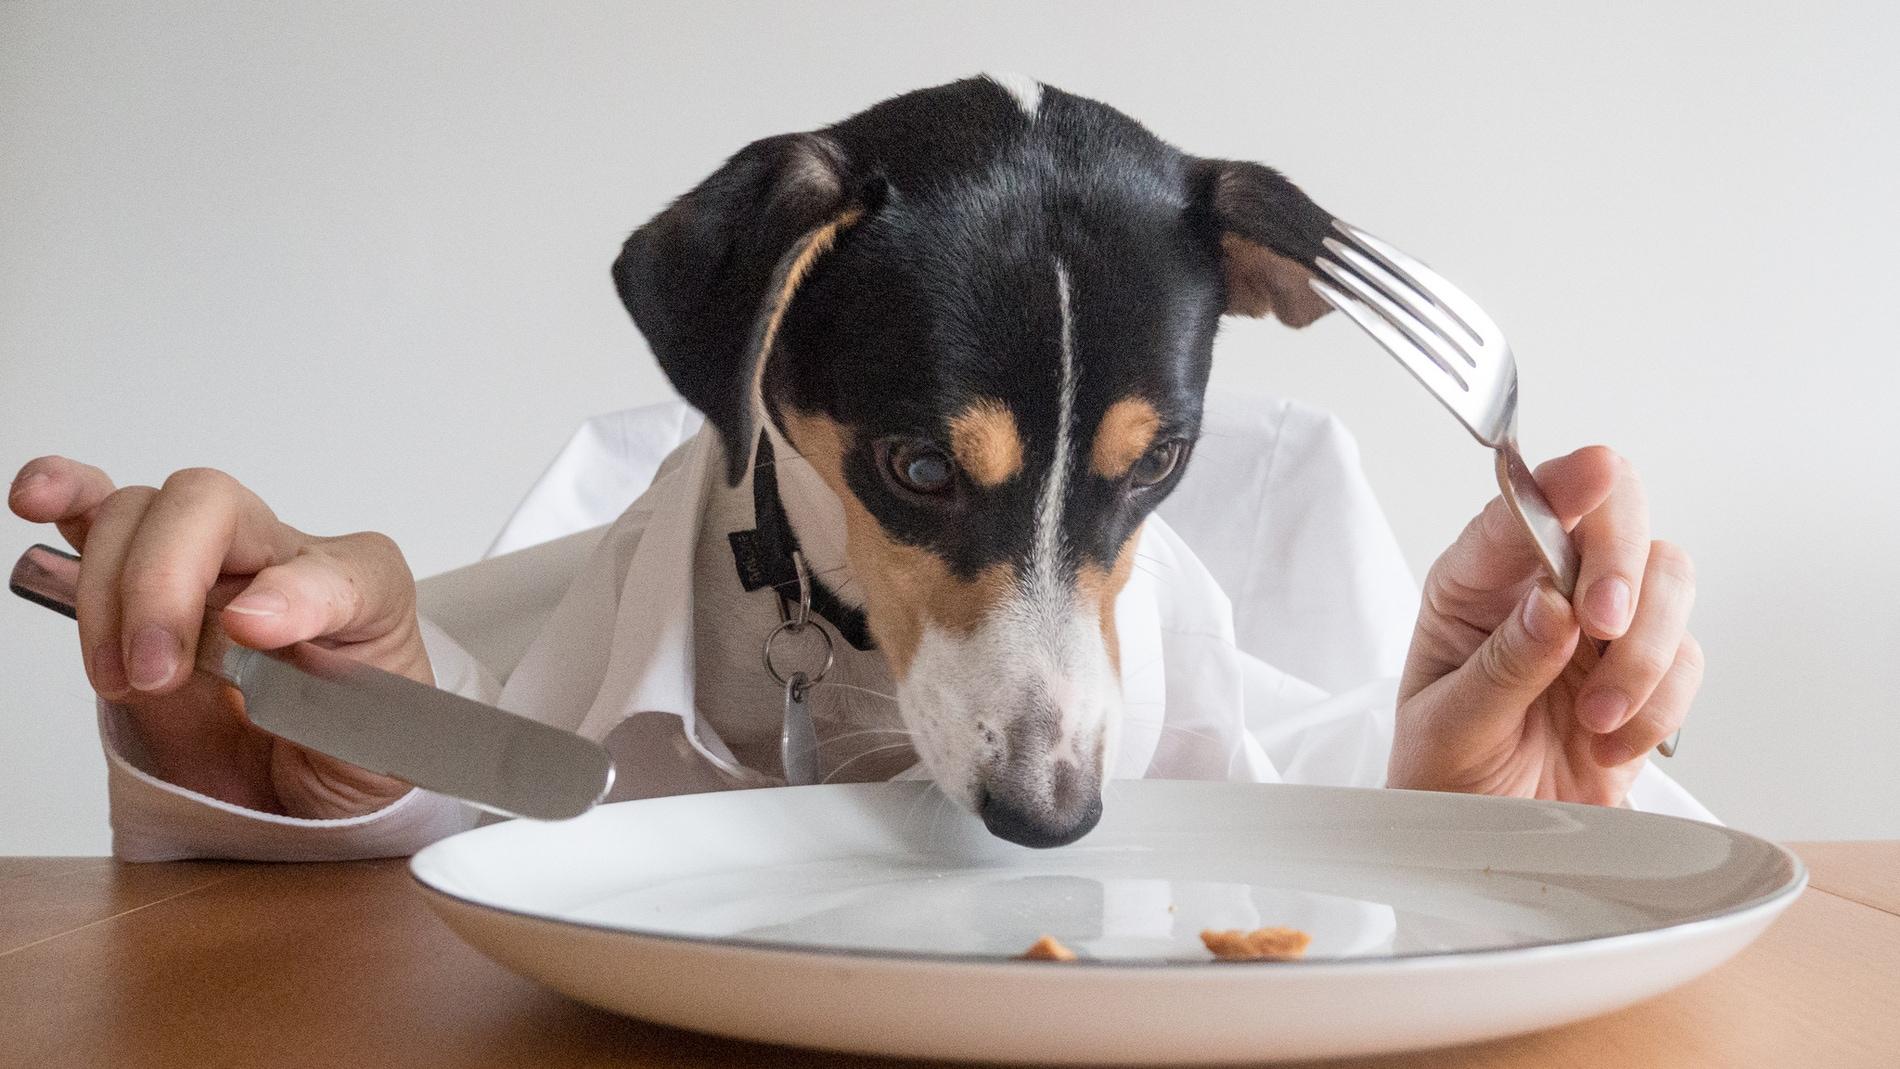 La carne cruda es un riesgo para tu perro